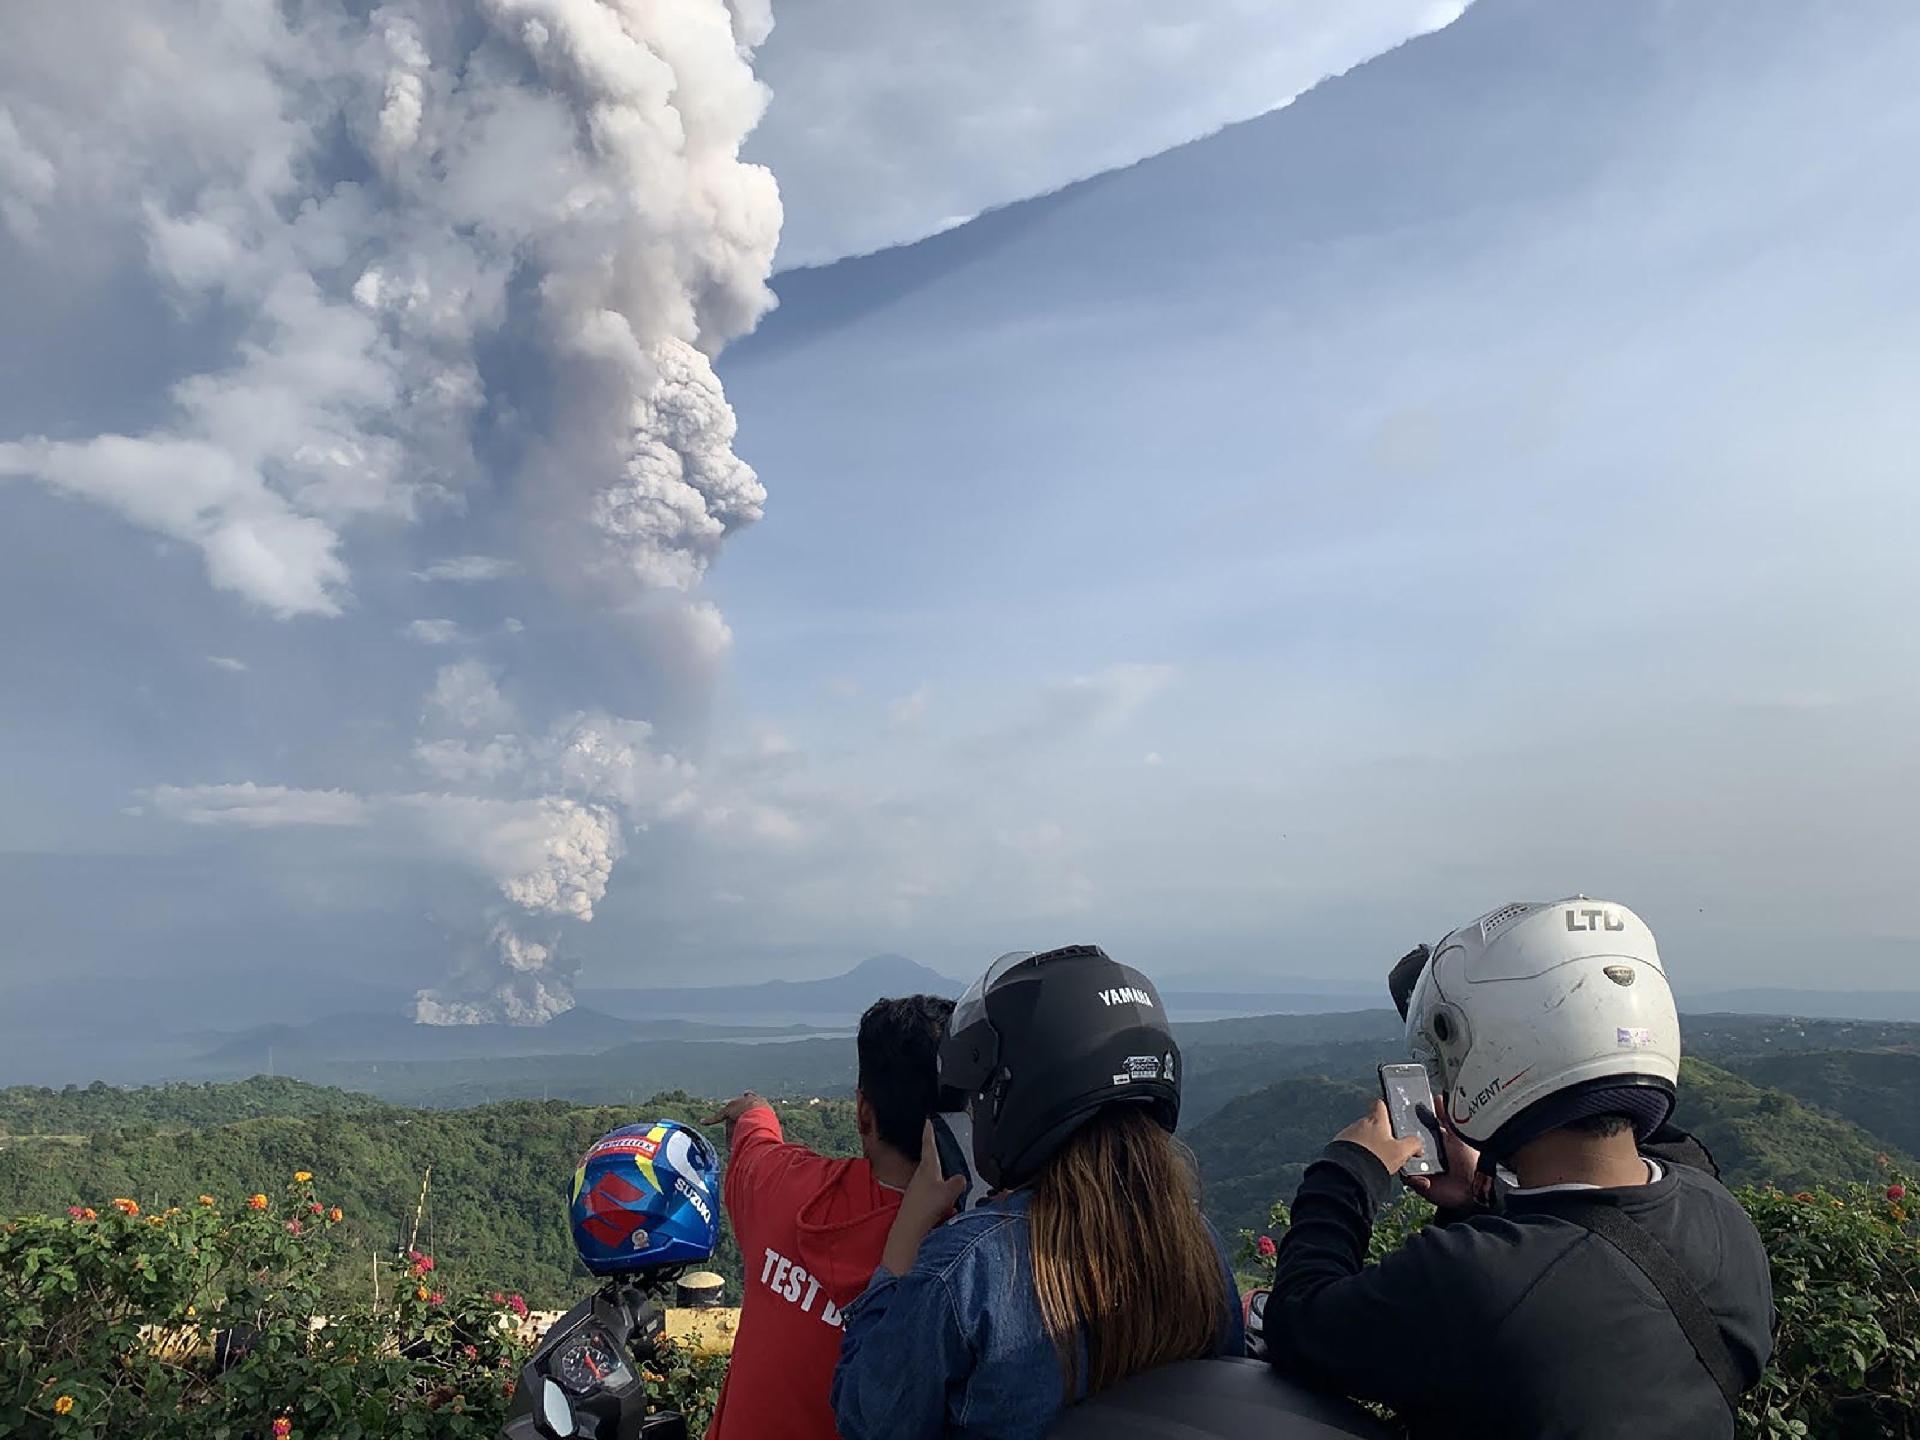 12.jan.2020 - Pessoas tiram fotos da erupção do vulcão Taal, nas Filipinas